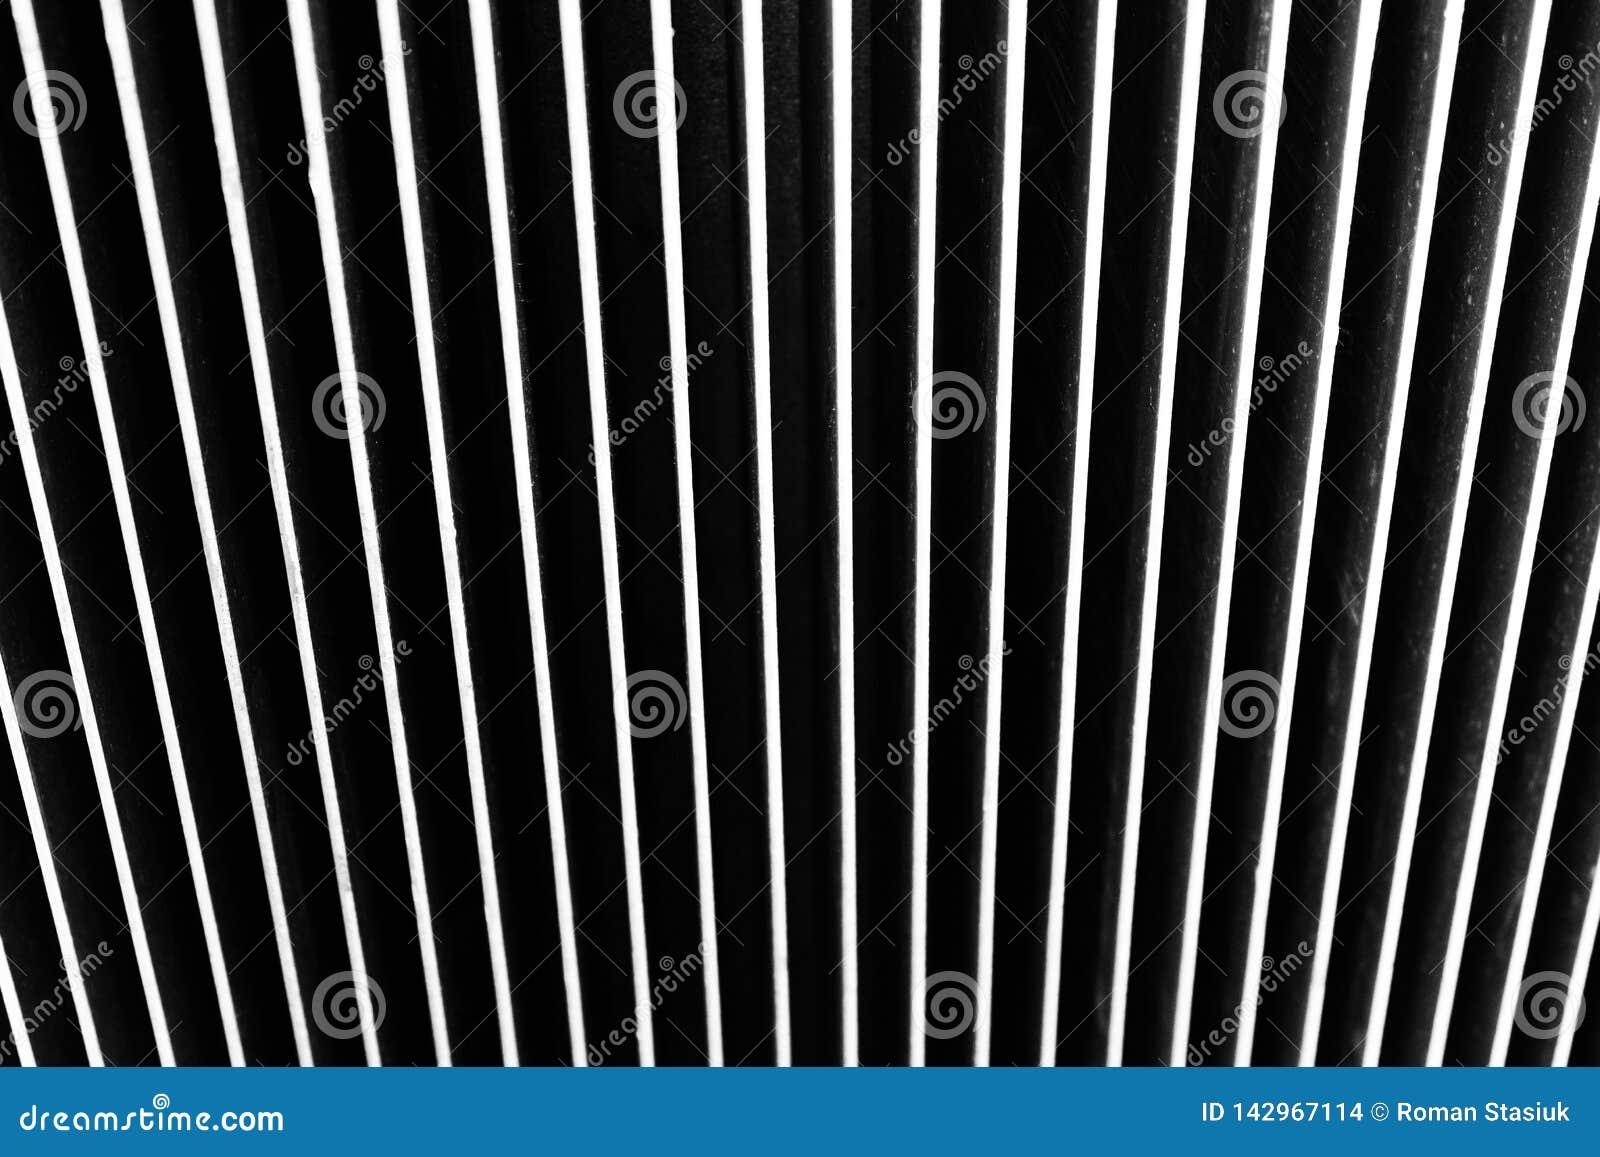 Achtergrond die van metaal wordt gemaakt Verticale strepen